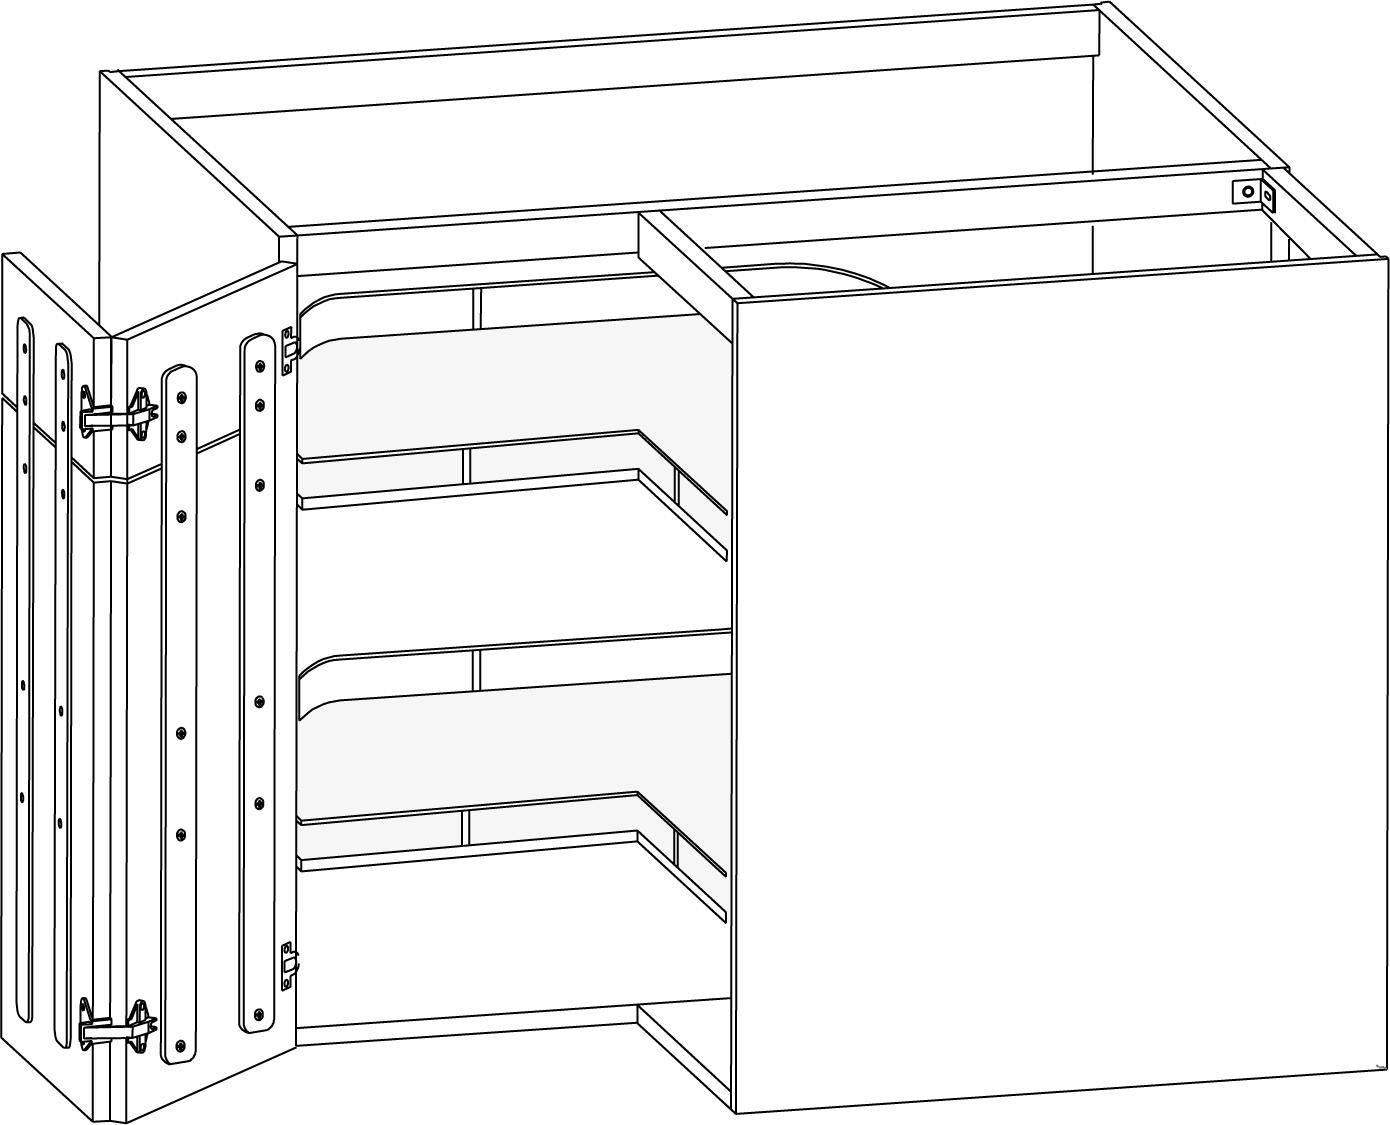 Hörnskåp med Maxx Carousel, tvådelad lucka 900/900mm - Nytt kök ...